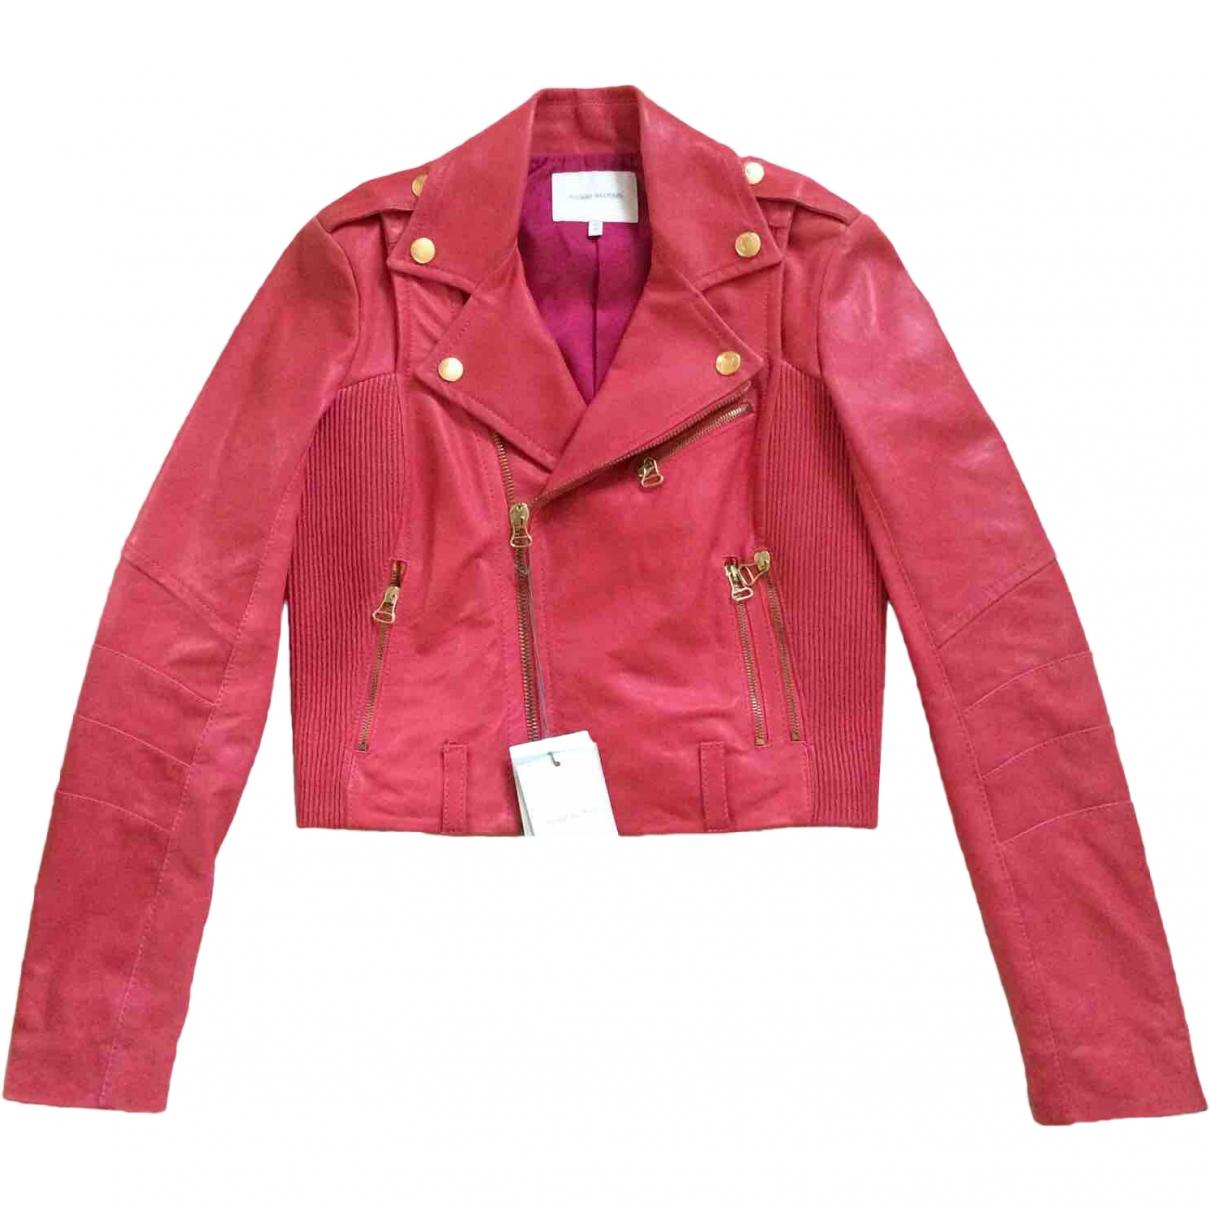 Pierre Balmain - Veste   pour femme en cuir - rose